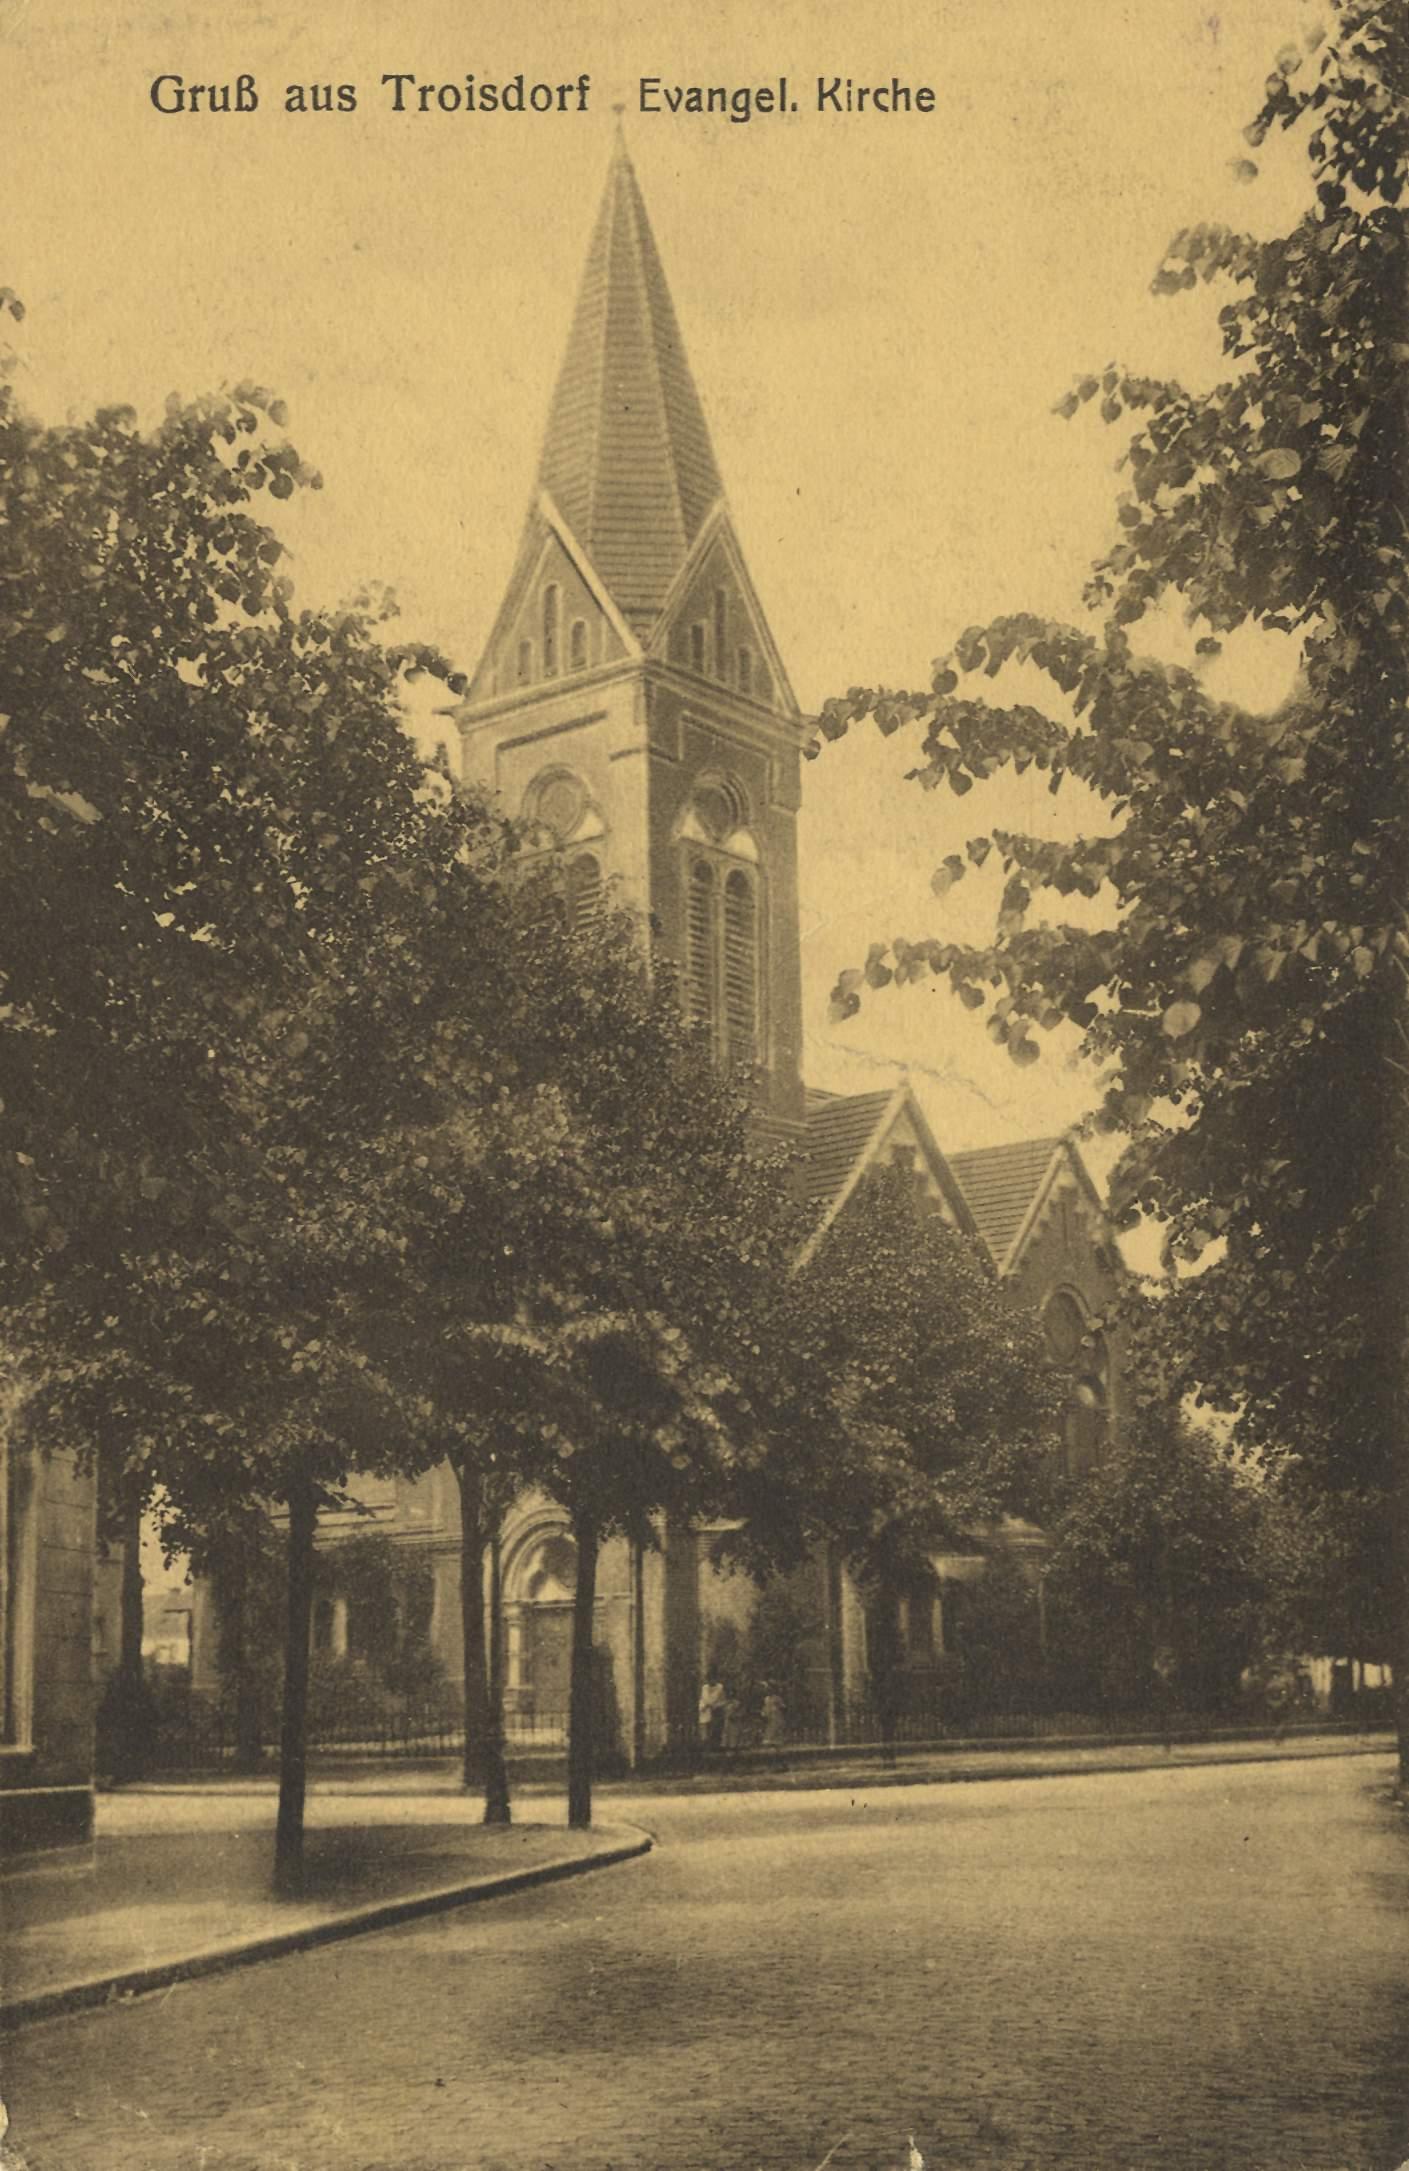 Ev Kirche Westfalen